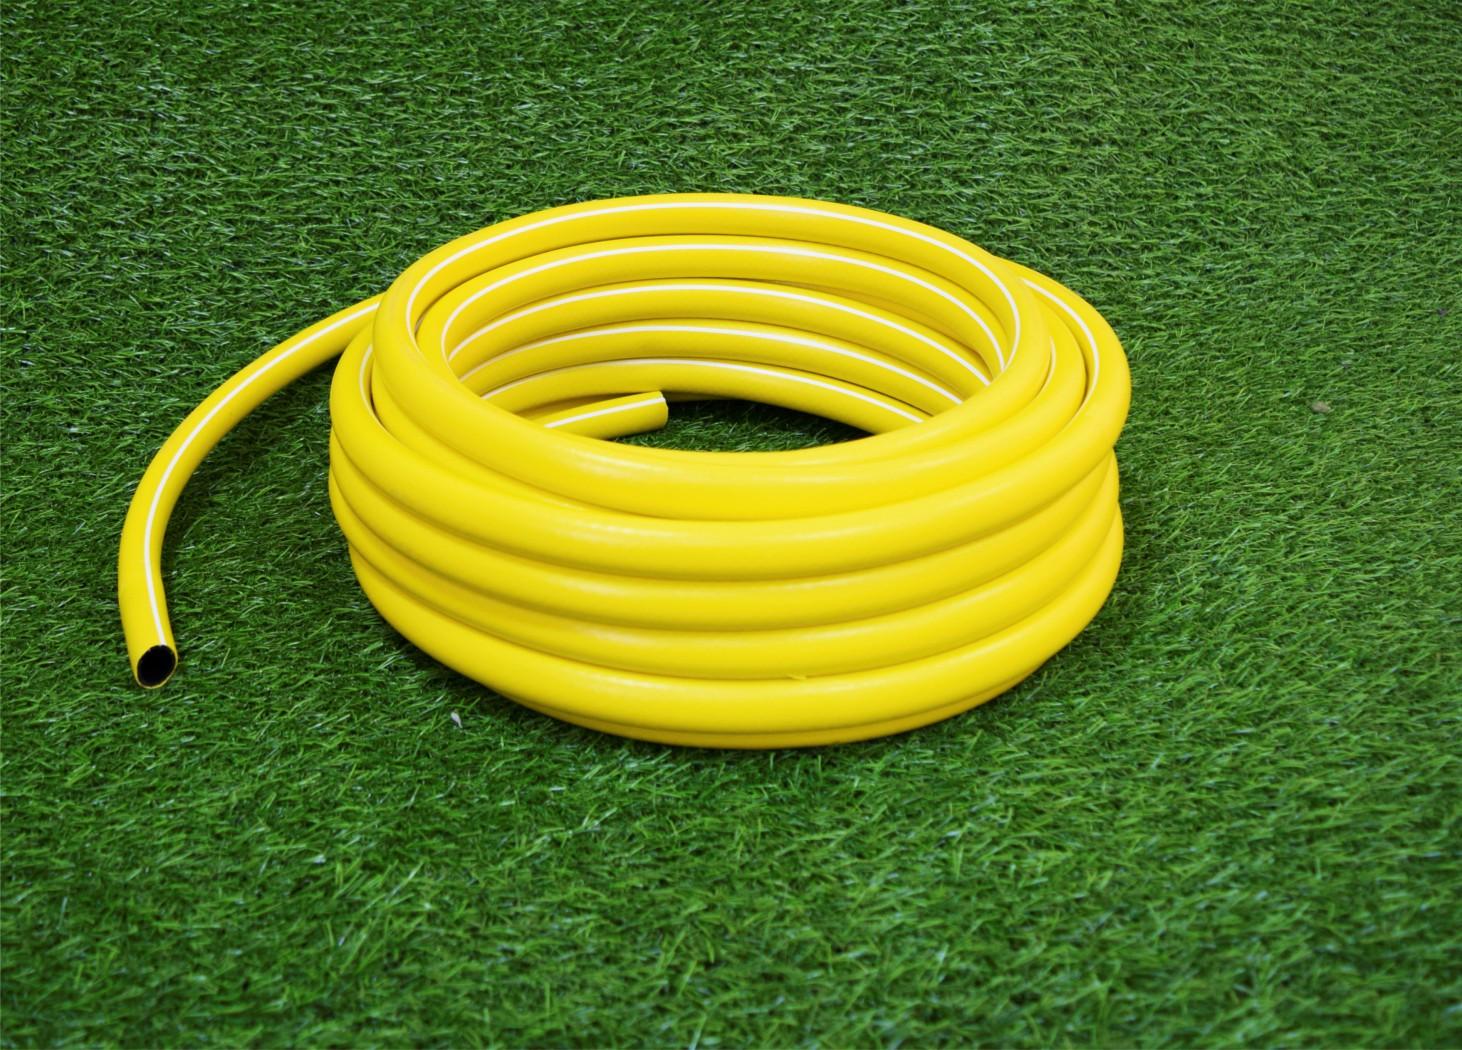 Шланг садовый поливной d 16 желтый